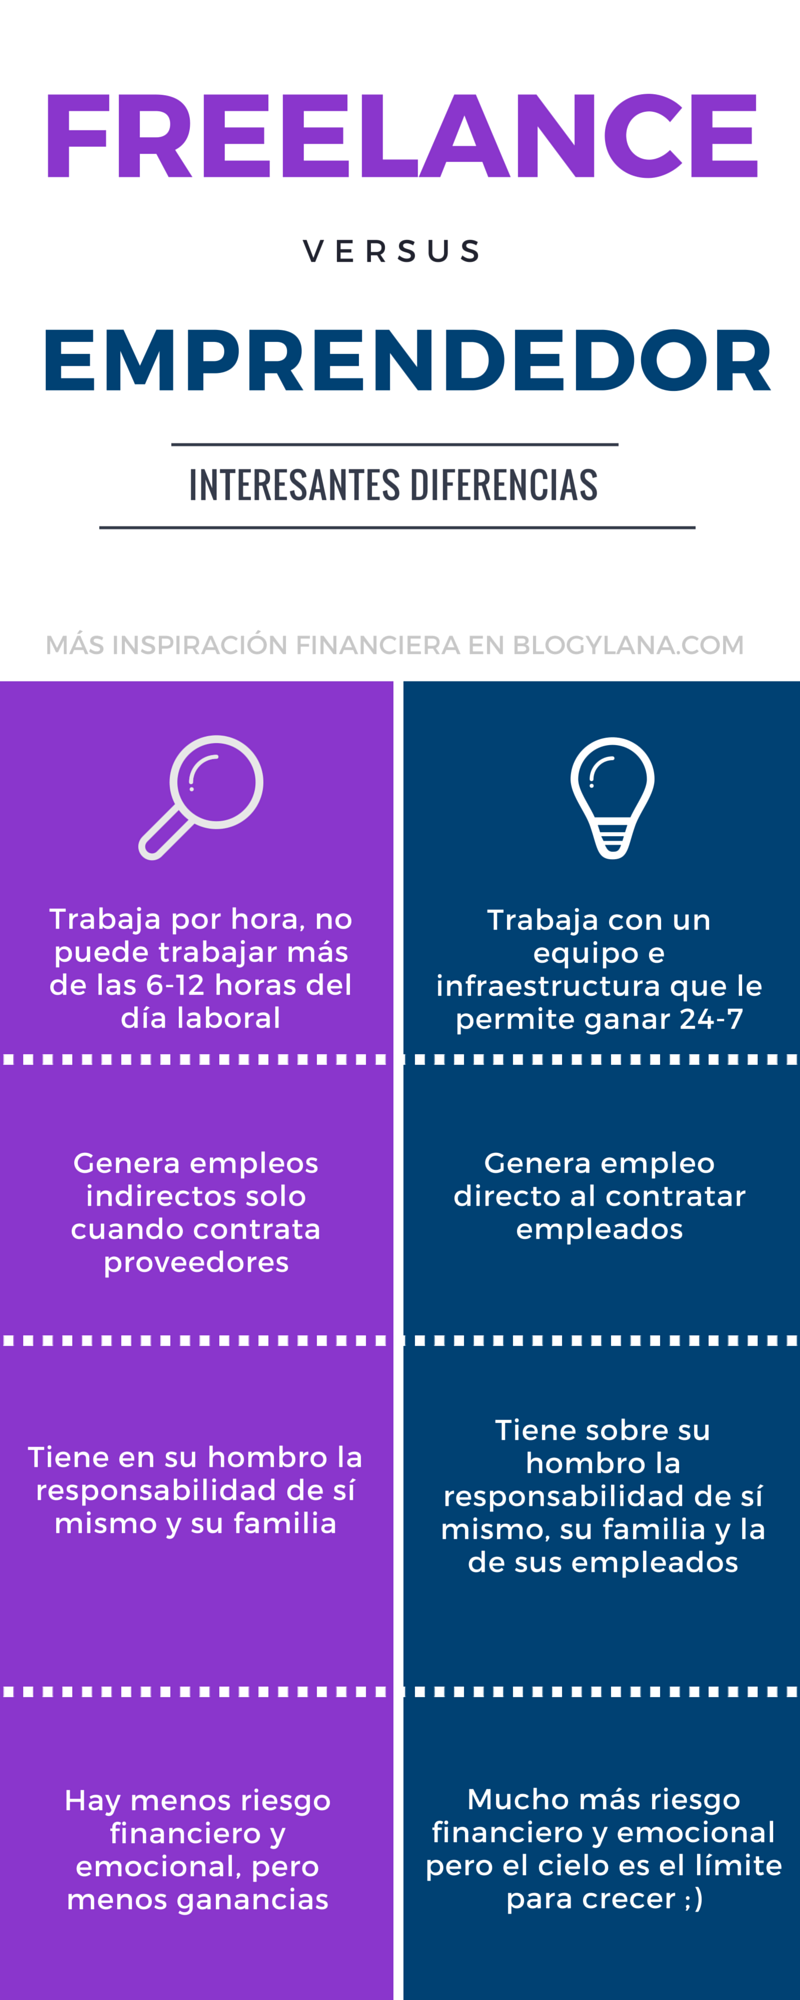 La Semana Nacional del Emprendedor: infografía diferencias entre freelance y emprendedor